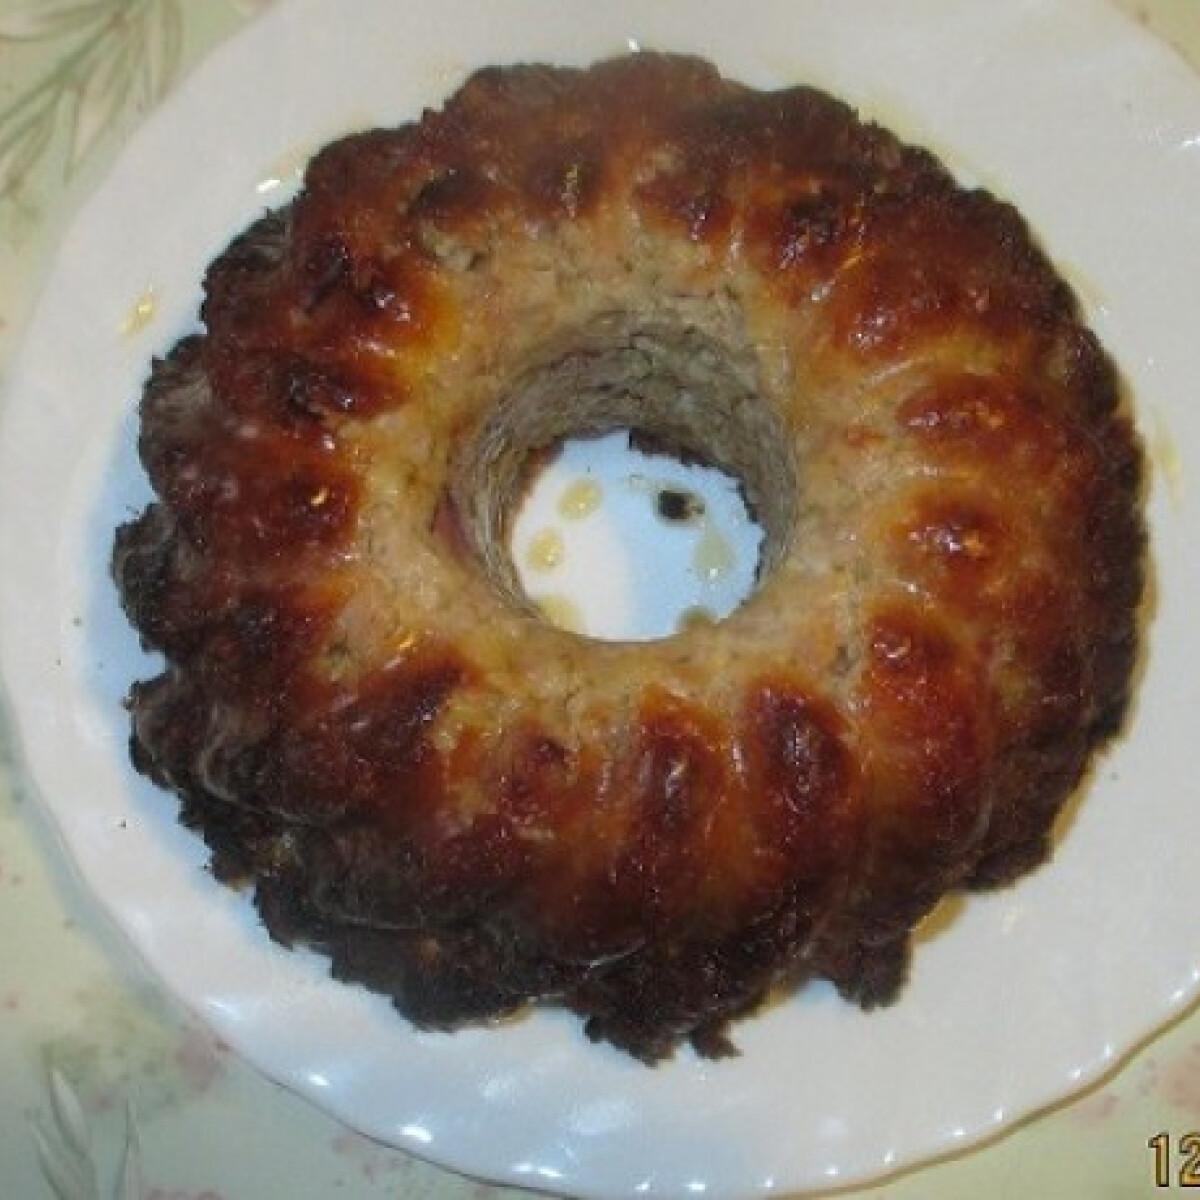 Fasírtkoszorú Szilviaanyus konyhájából